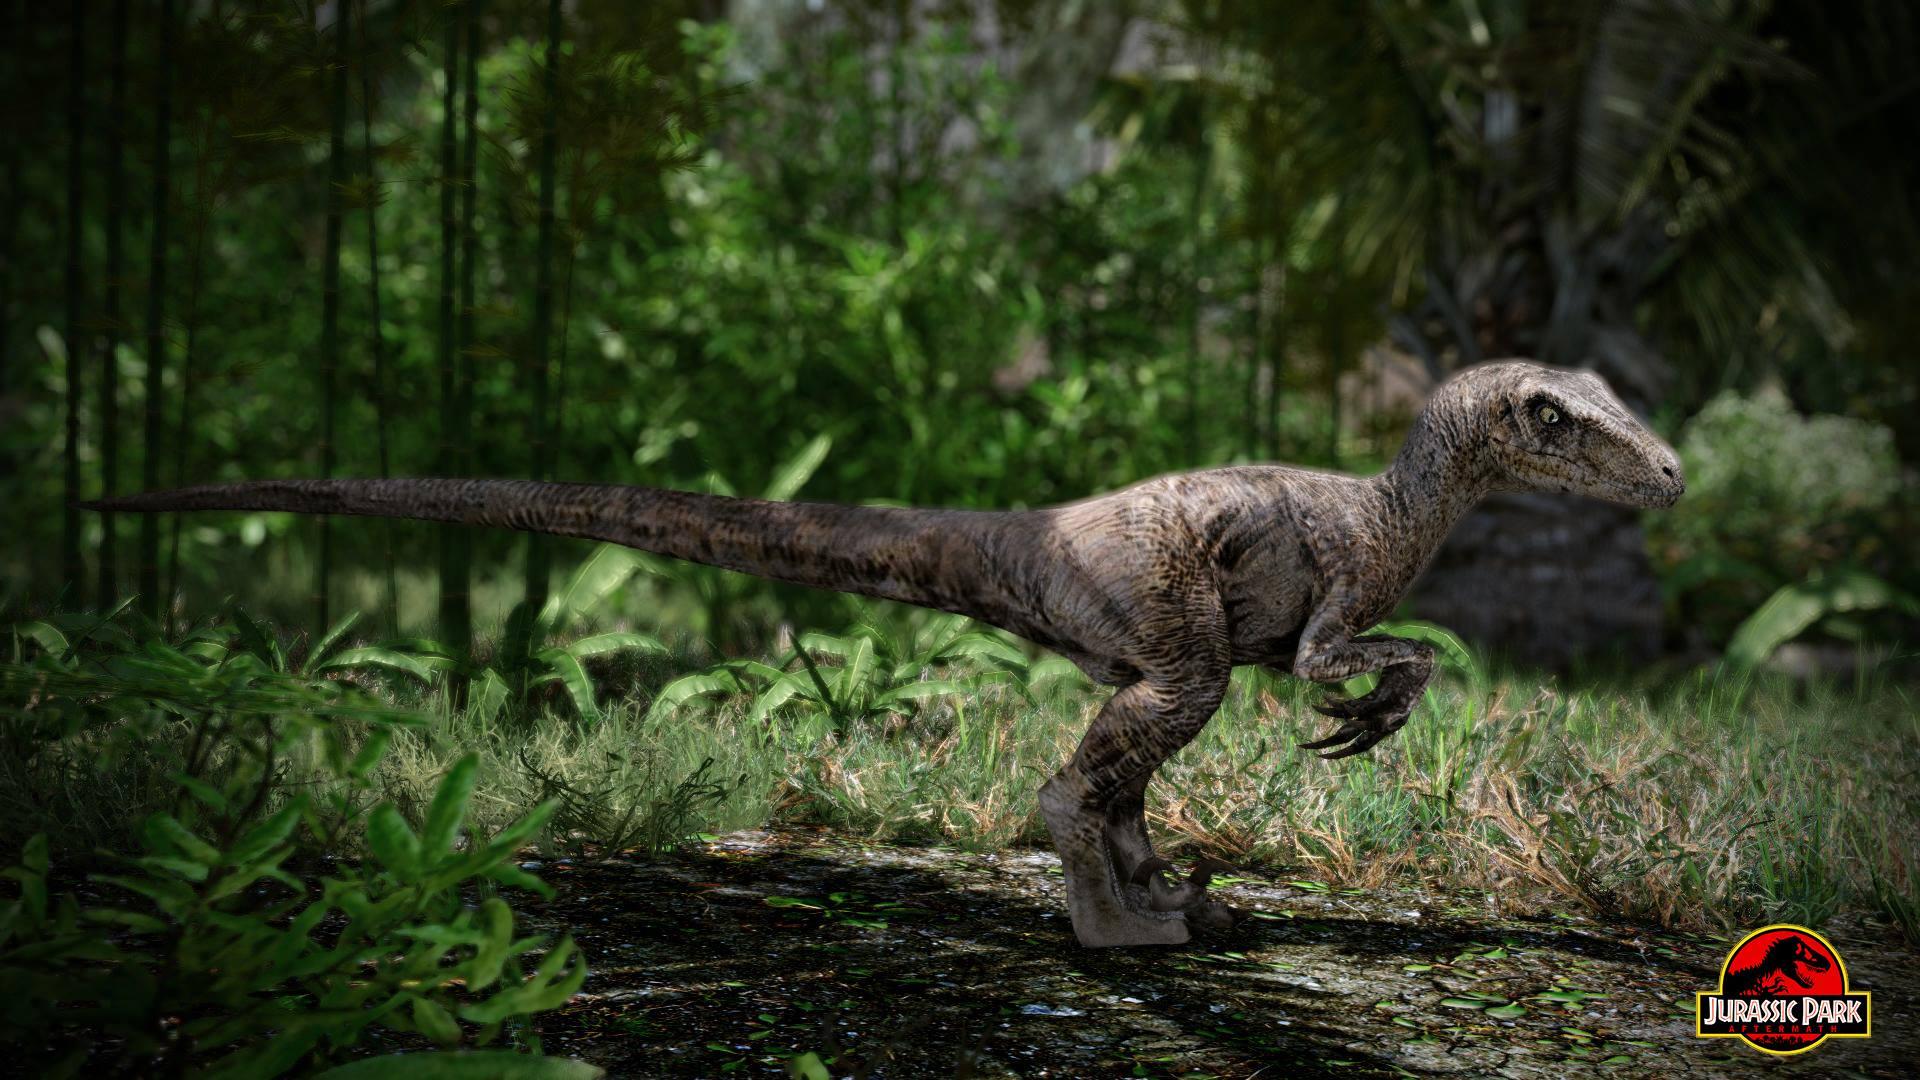 mod制作者conceptcrash为其用CRYENGINE引擎制作的游戏《侏罗纪公园:余波》放出了两张新截图,展示了游戏中的小恐龙,不过这两只小恐龙也太呆萌了! 《侏罗纪公园:余波》旨在提供一个开放世界的体验,并且该游戏计划成为Crytek引擎的技术演示,潜力巨大。 截图欣赏:   之前截图:    更多精彩尽在 侏罗纪公园专题: